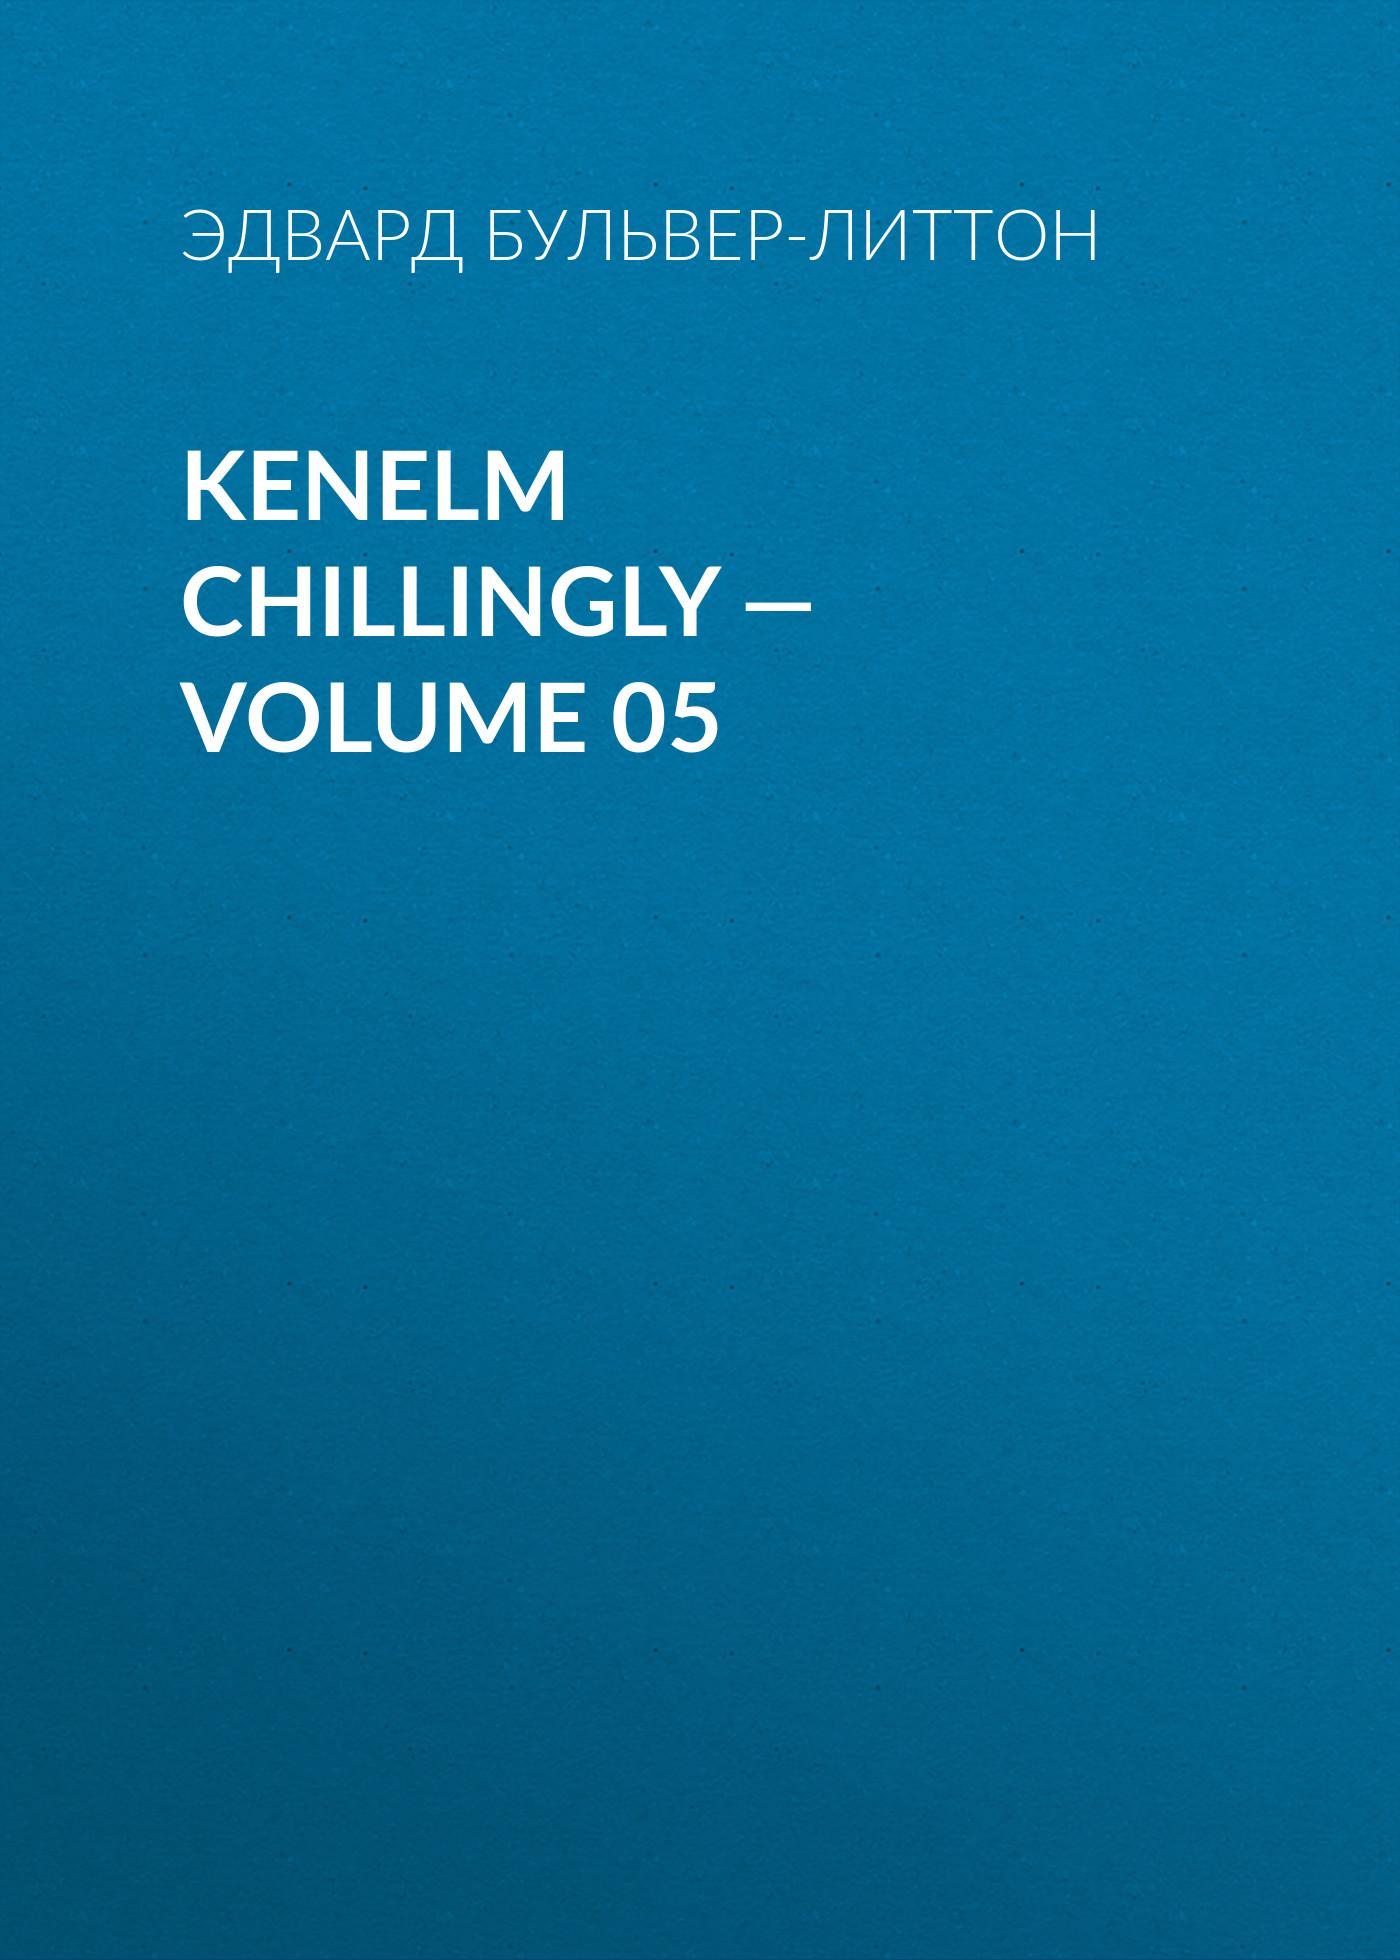 Эдвард Бульвер-Литтон Kenelm Chillingly — Volume 05 эдвард бульвер литтон godolphin volume 2